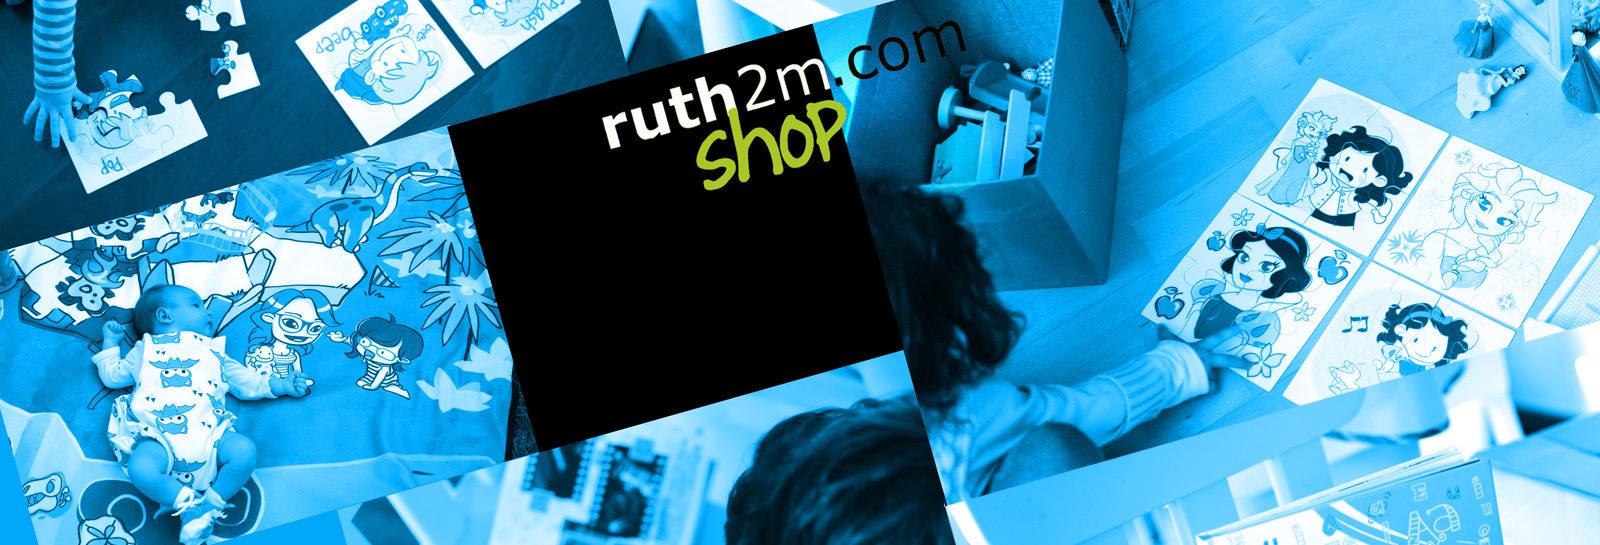 ruth2mSHOP_banner